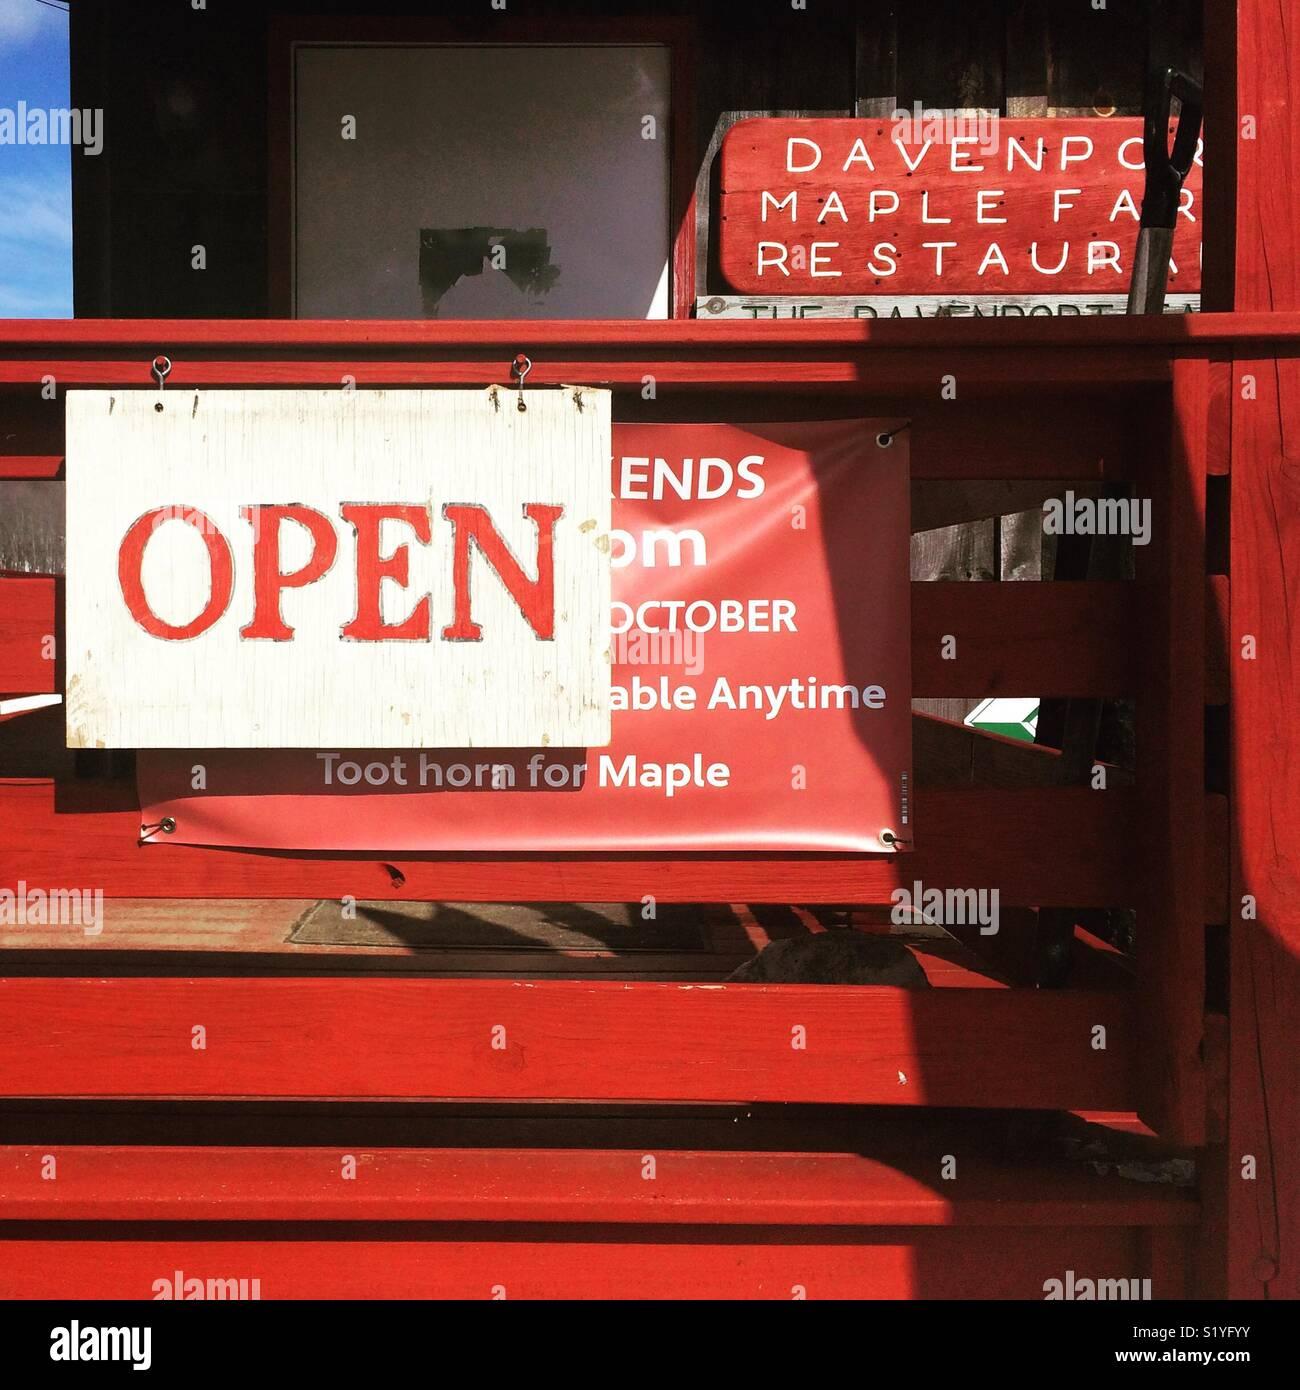 """""""Open"""" sign, Davenport Maple Farm Restaurant, Shelburne, Massachusetts - Stock Image"""